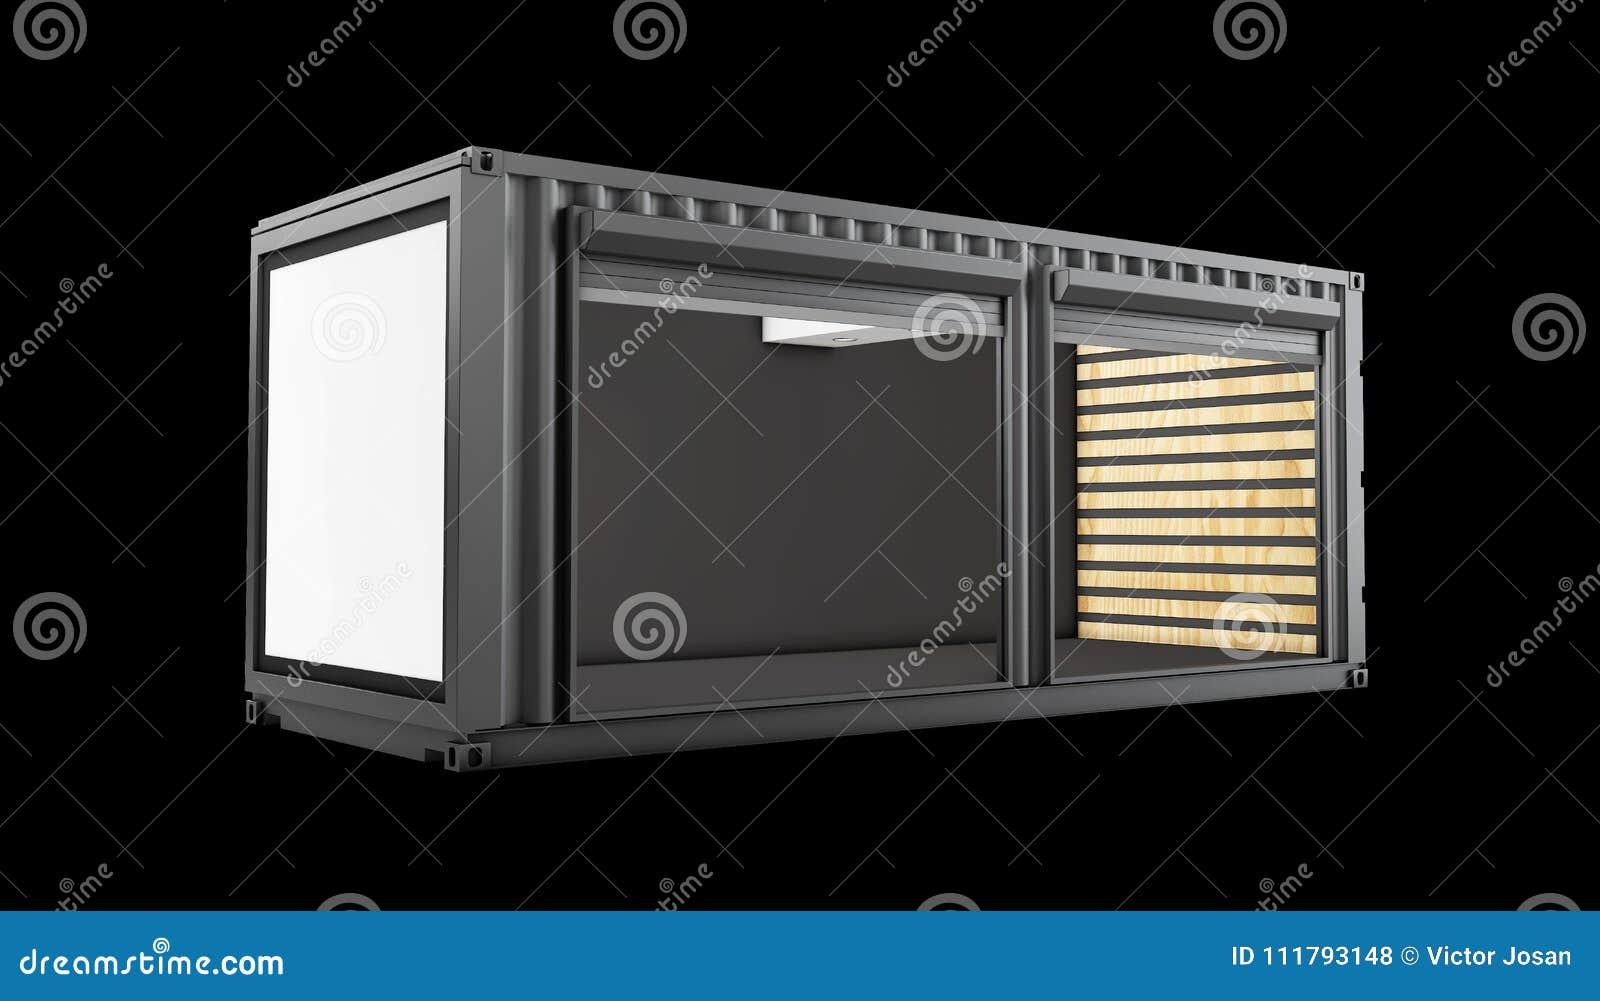 3d ilustração do contentor velho convertido, preto isolado